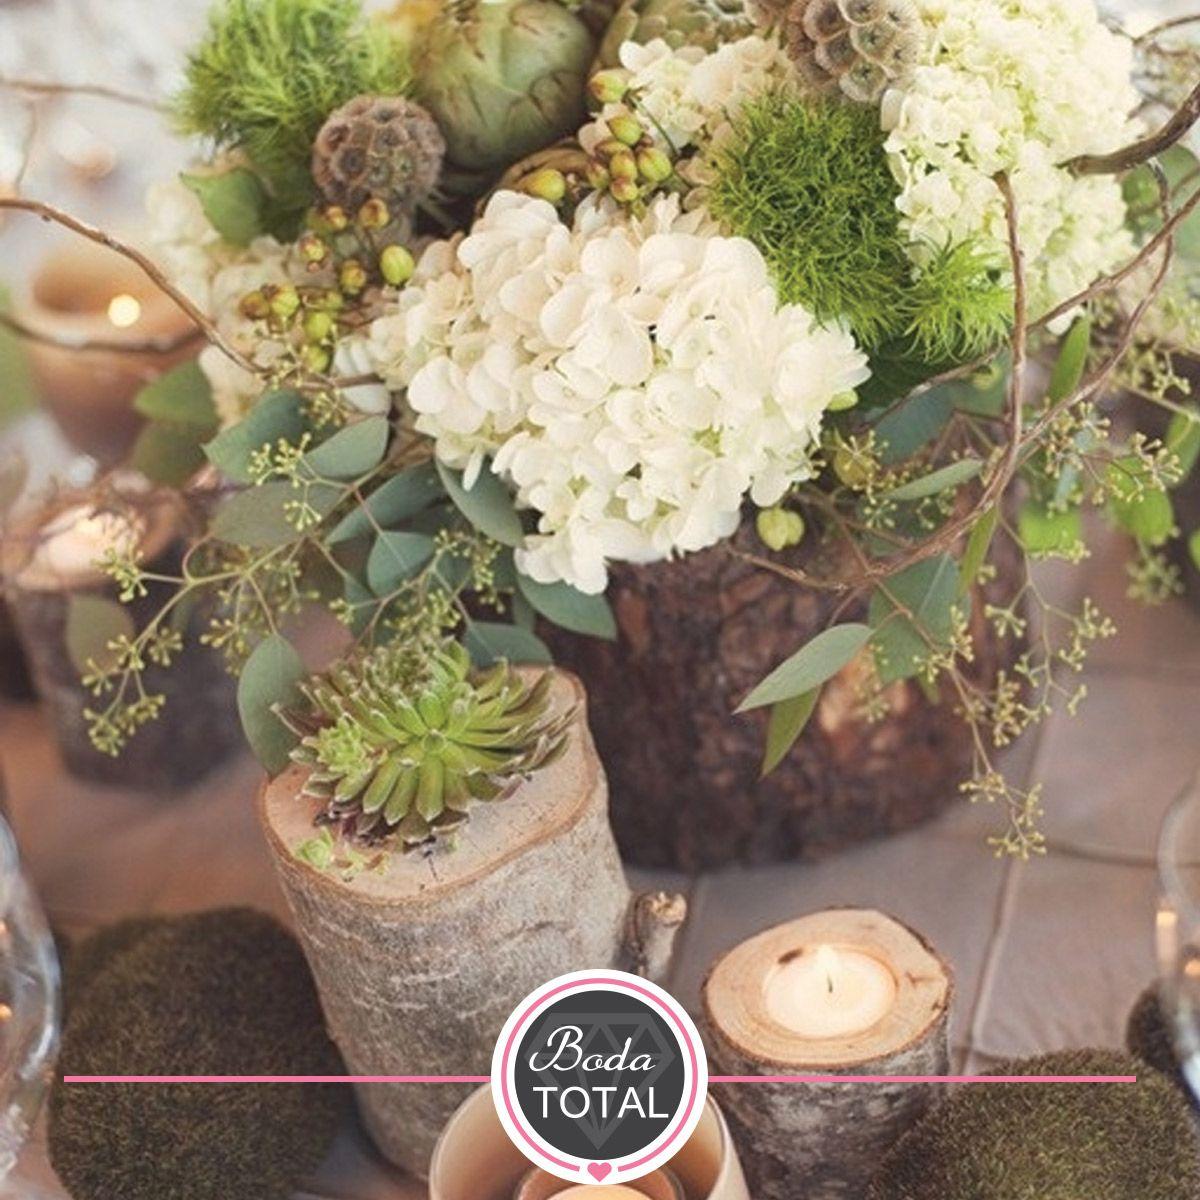 Elegiste Un Estilo R Stico Para Tu Boda Los Troncos Con Flores  ~ Centros De Flores Naturales Para Mesas